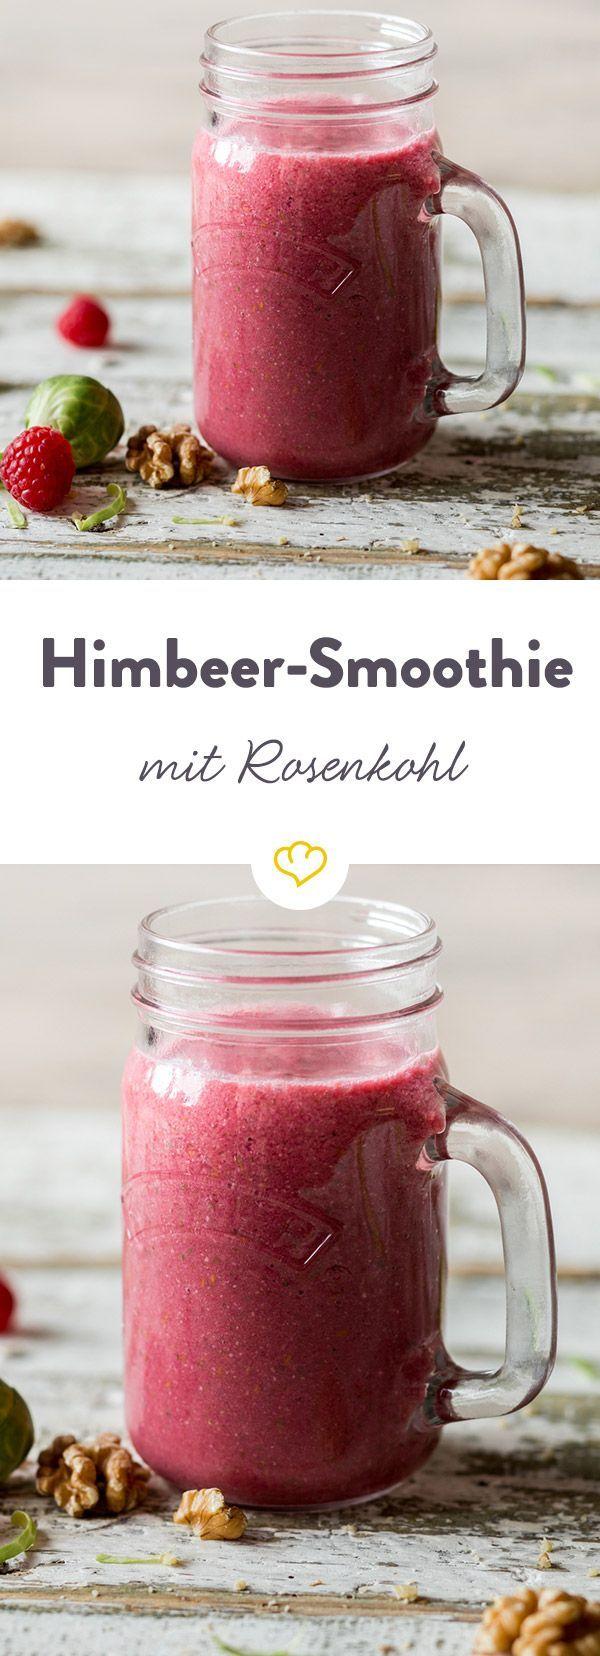 Satte Rosenkohl-Power mit Beerenmix! Das gesunde Wintergemüse versorgt experimentierfreudige Smoothie-Trinker in diesem Fruchtmix mit viel Vitamin C.